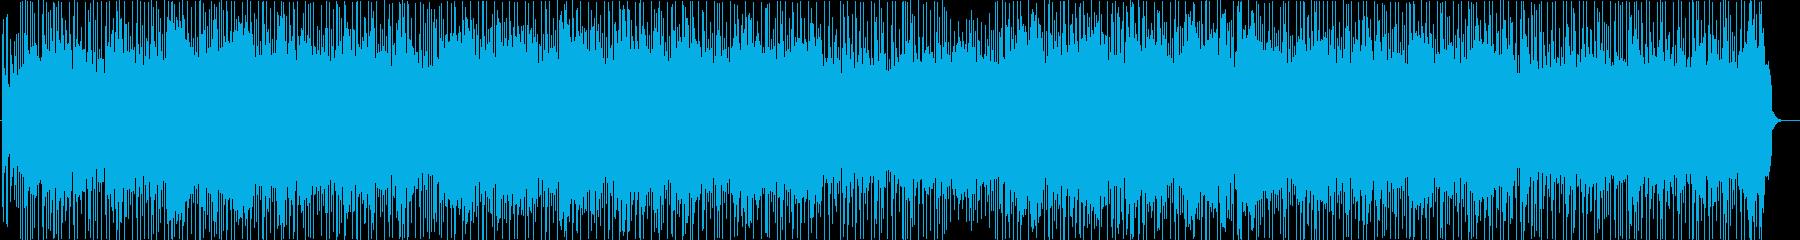 ノイジーでダンサブルなUKギターロックの再生済みの波形